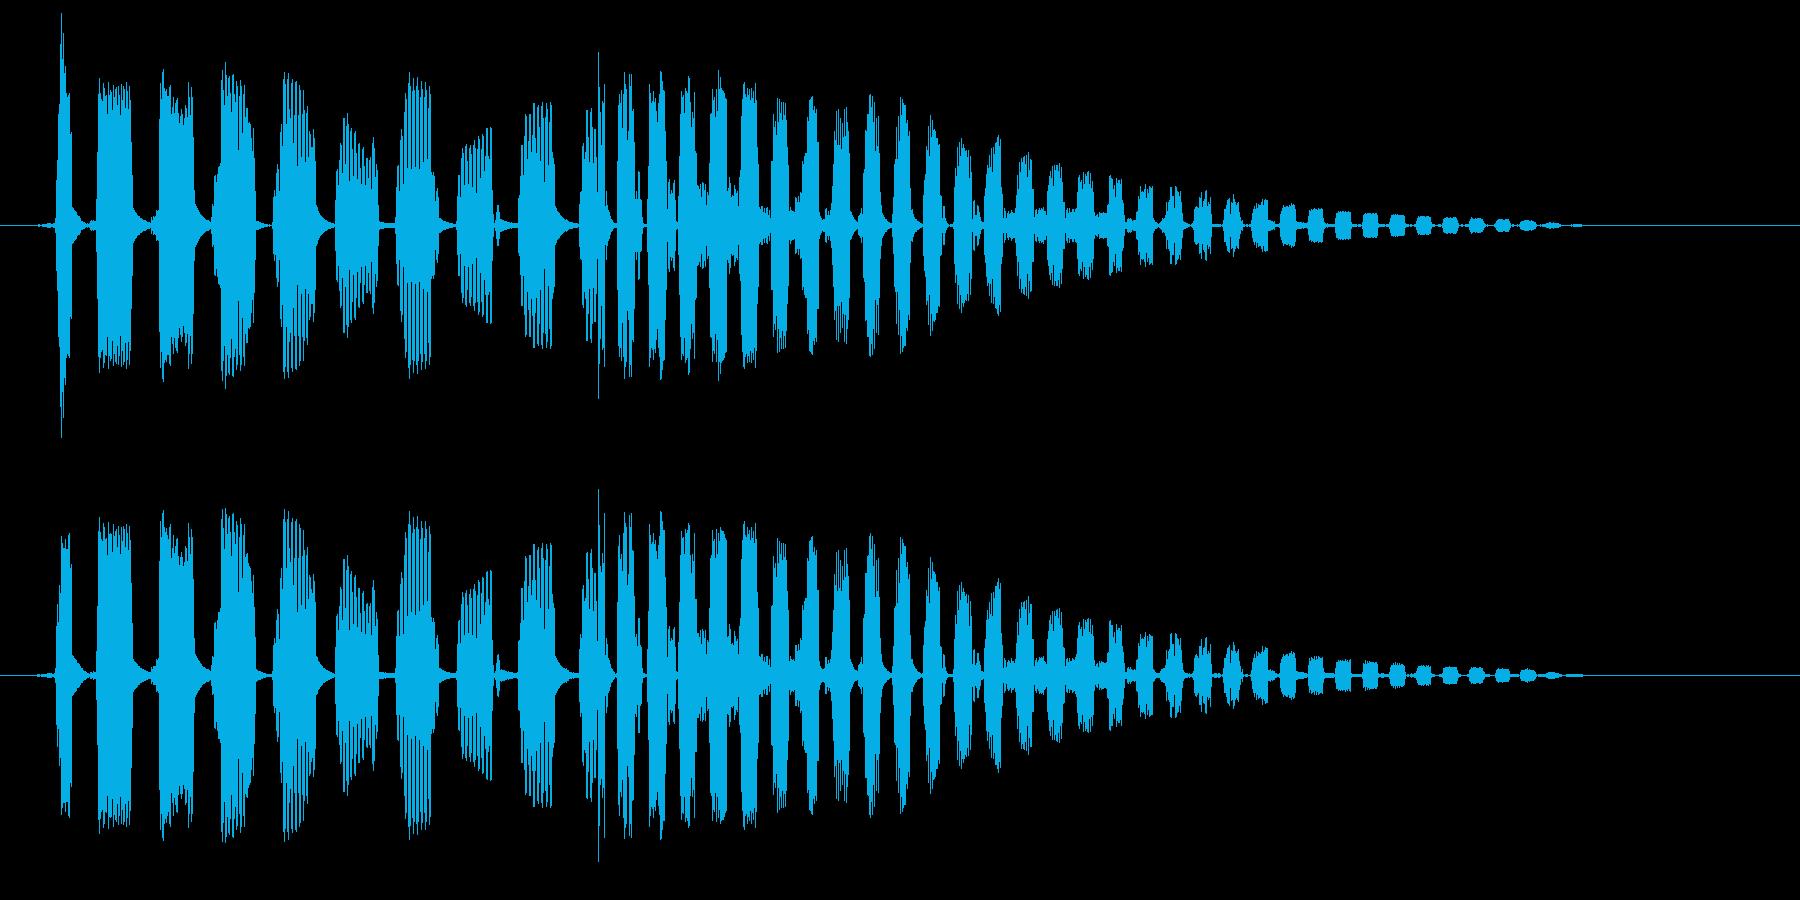 ビビョ〜ン(コミカル)の再生済みの波形